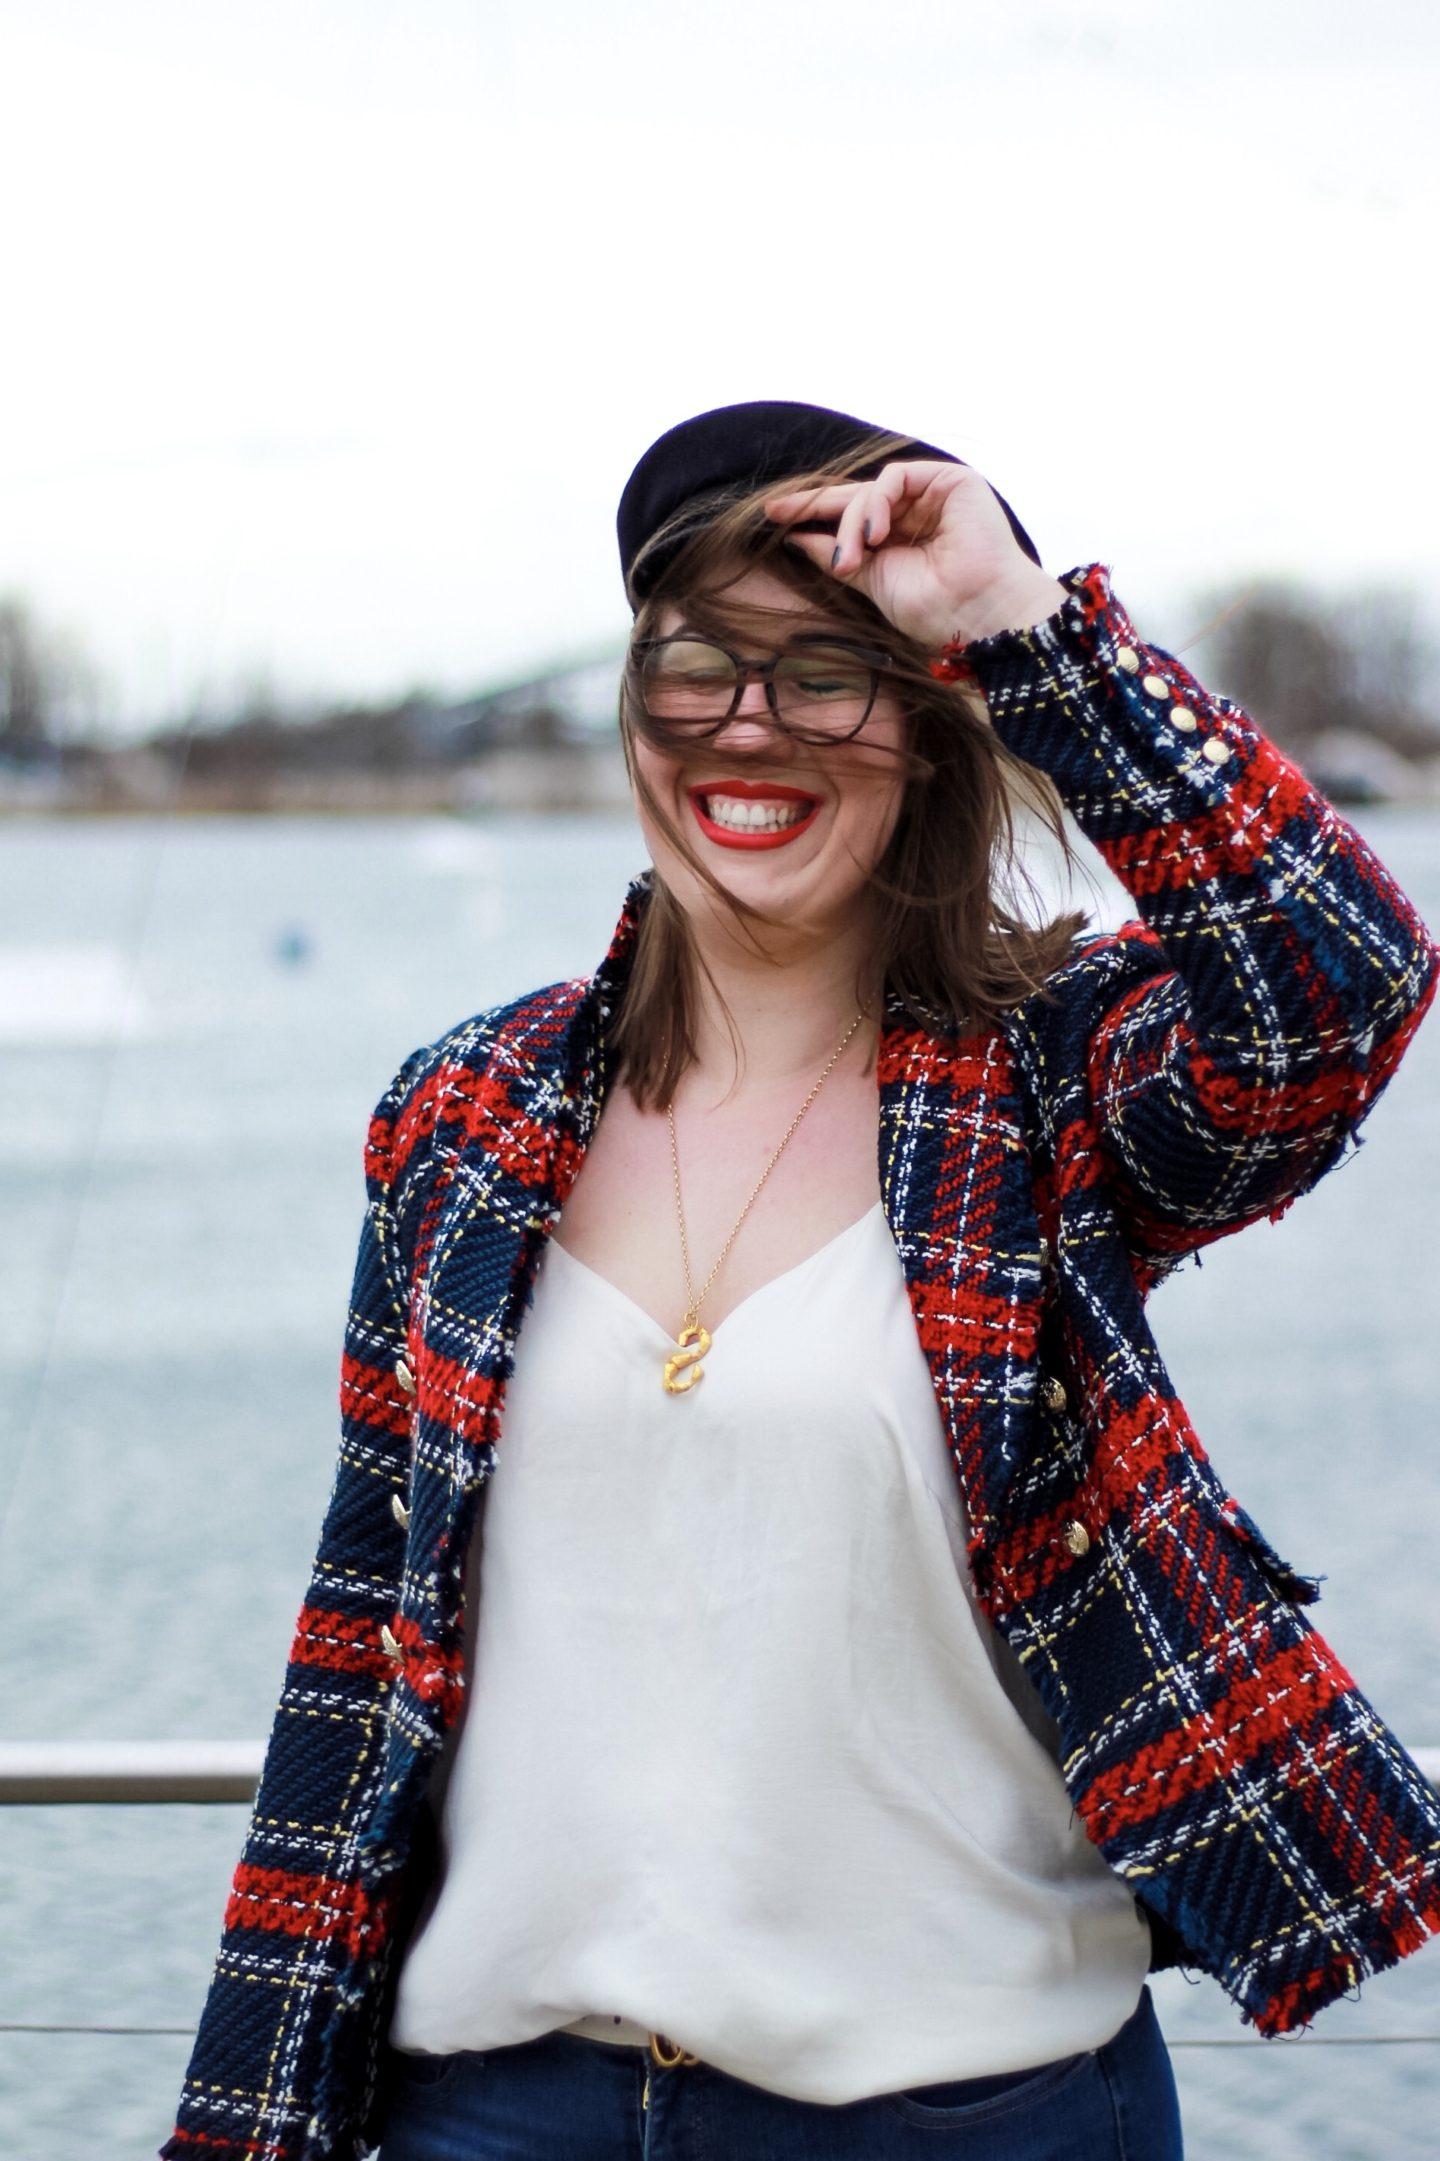 Susanne-Heidebach-Miss-Suzie-Loves-Kolumne-Uber-das-Alter-werden-karierter-Zara-Blazer-Tweed-Wind